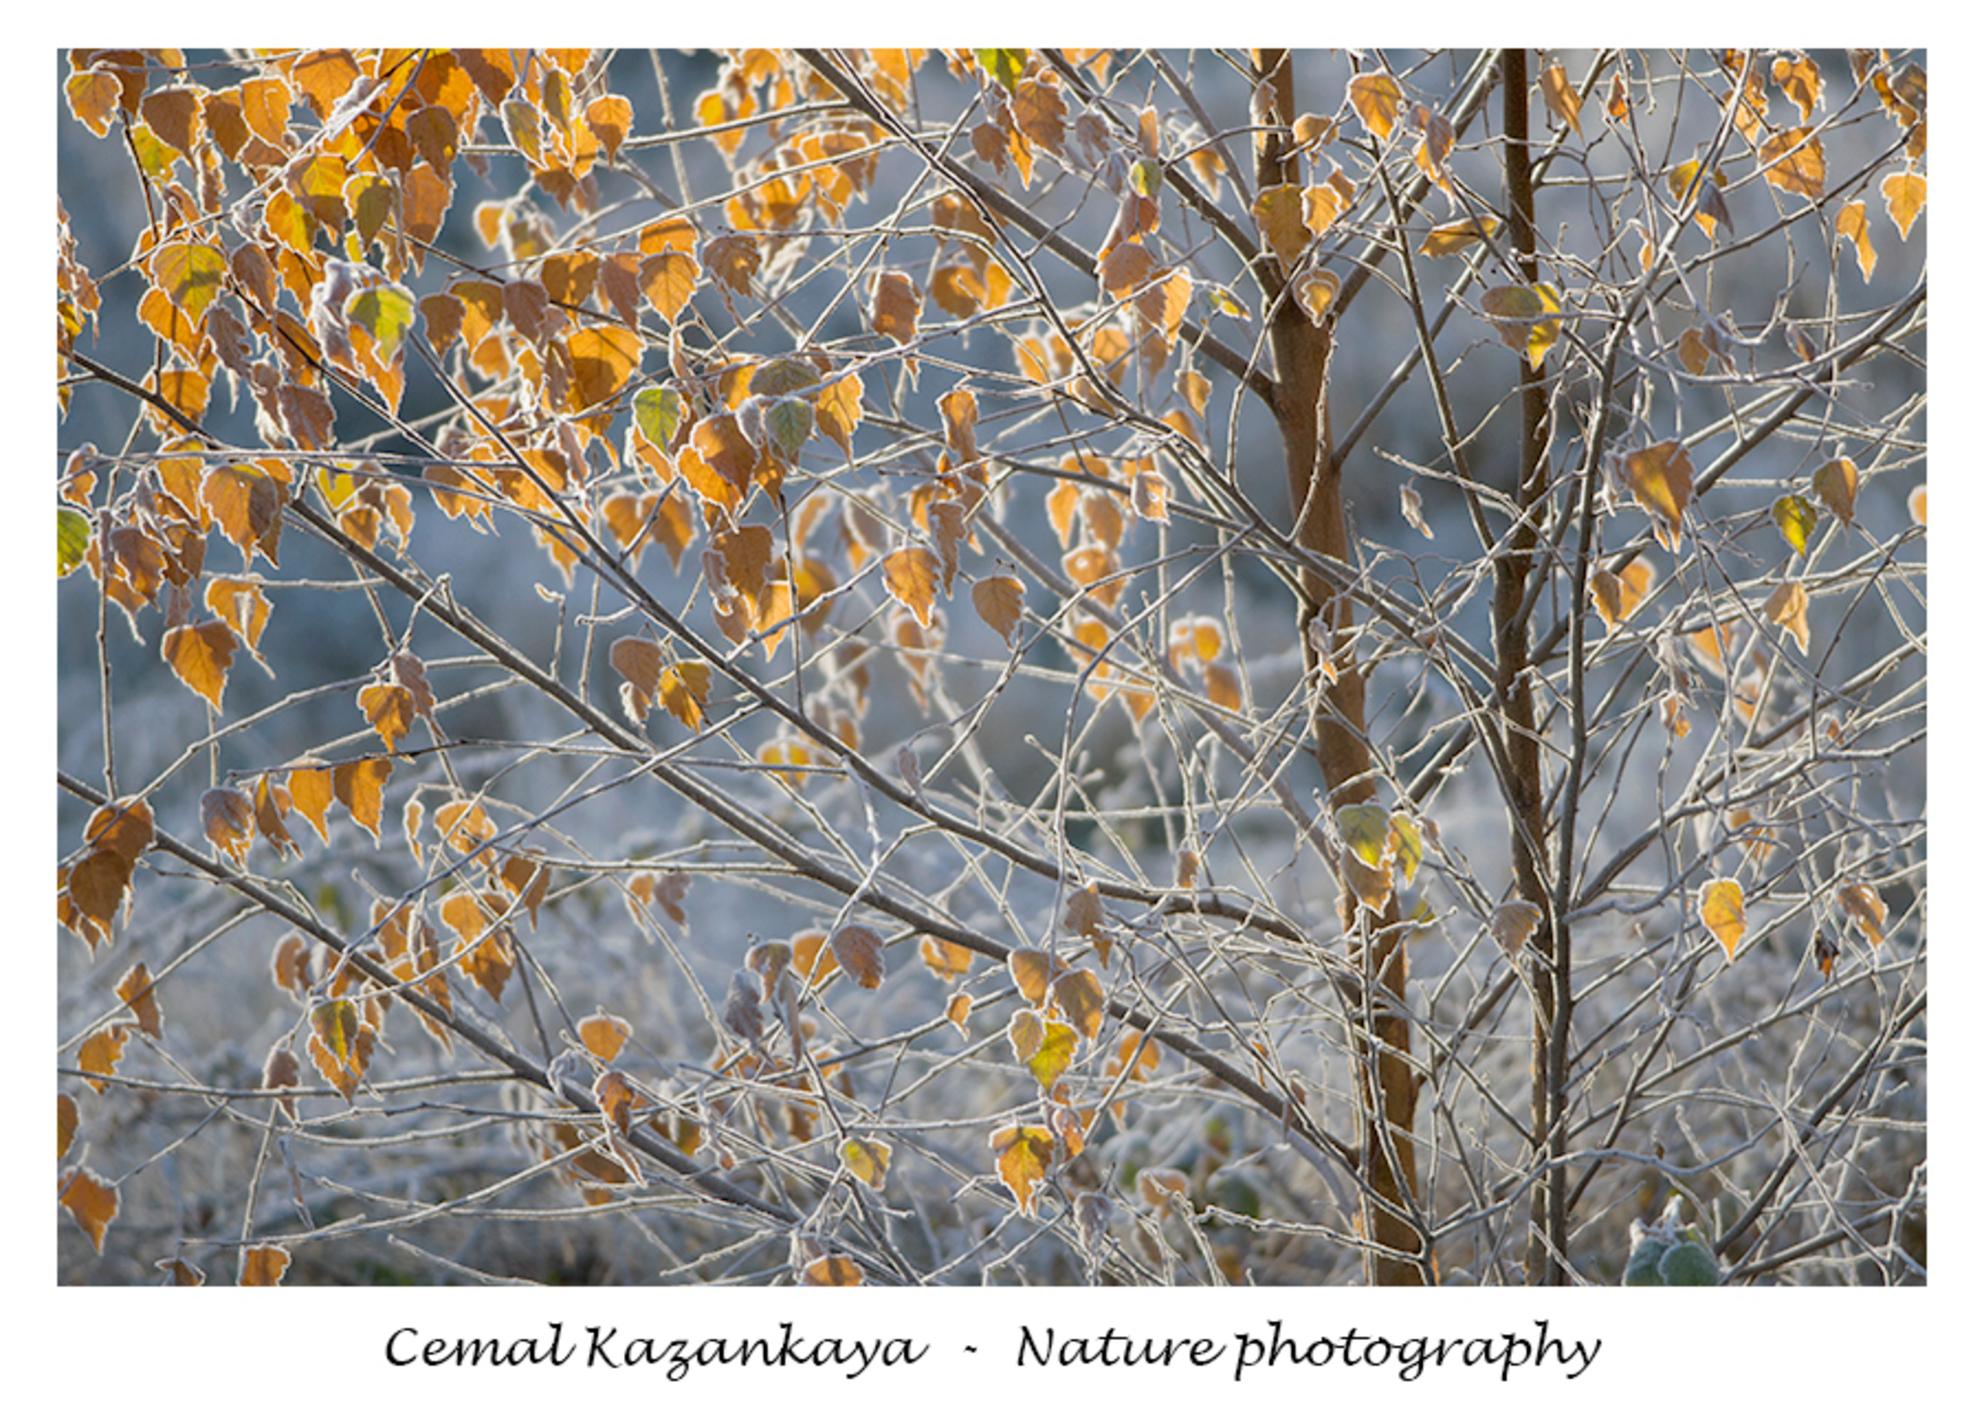 Herfst en Koud - Herfst en Koud.. - foto door CemalKazankaya op 08-12-2020 - deze foto bevat: groen, blauw, boom, bladeren, natuur, bruin, geel, herfst, winter, landschap, bos, bomen, koud, vlindertuin, dof, bokeh, cemal kazankaya - Deze foto mag gebruikt worden in een Zoom.nl publicatie